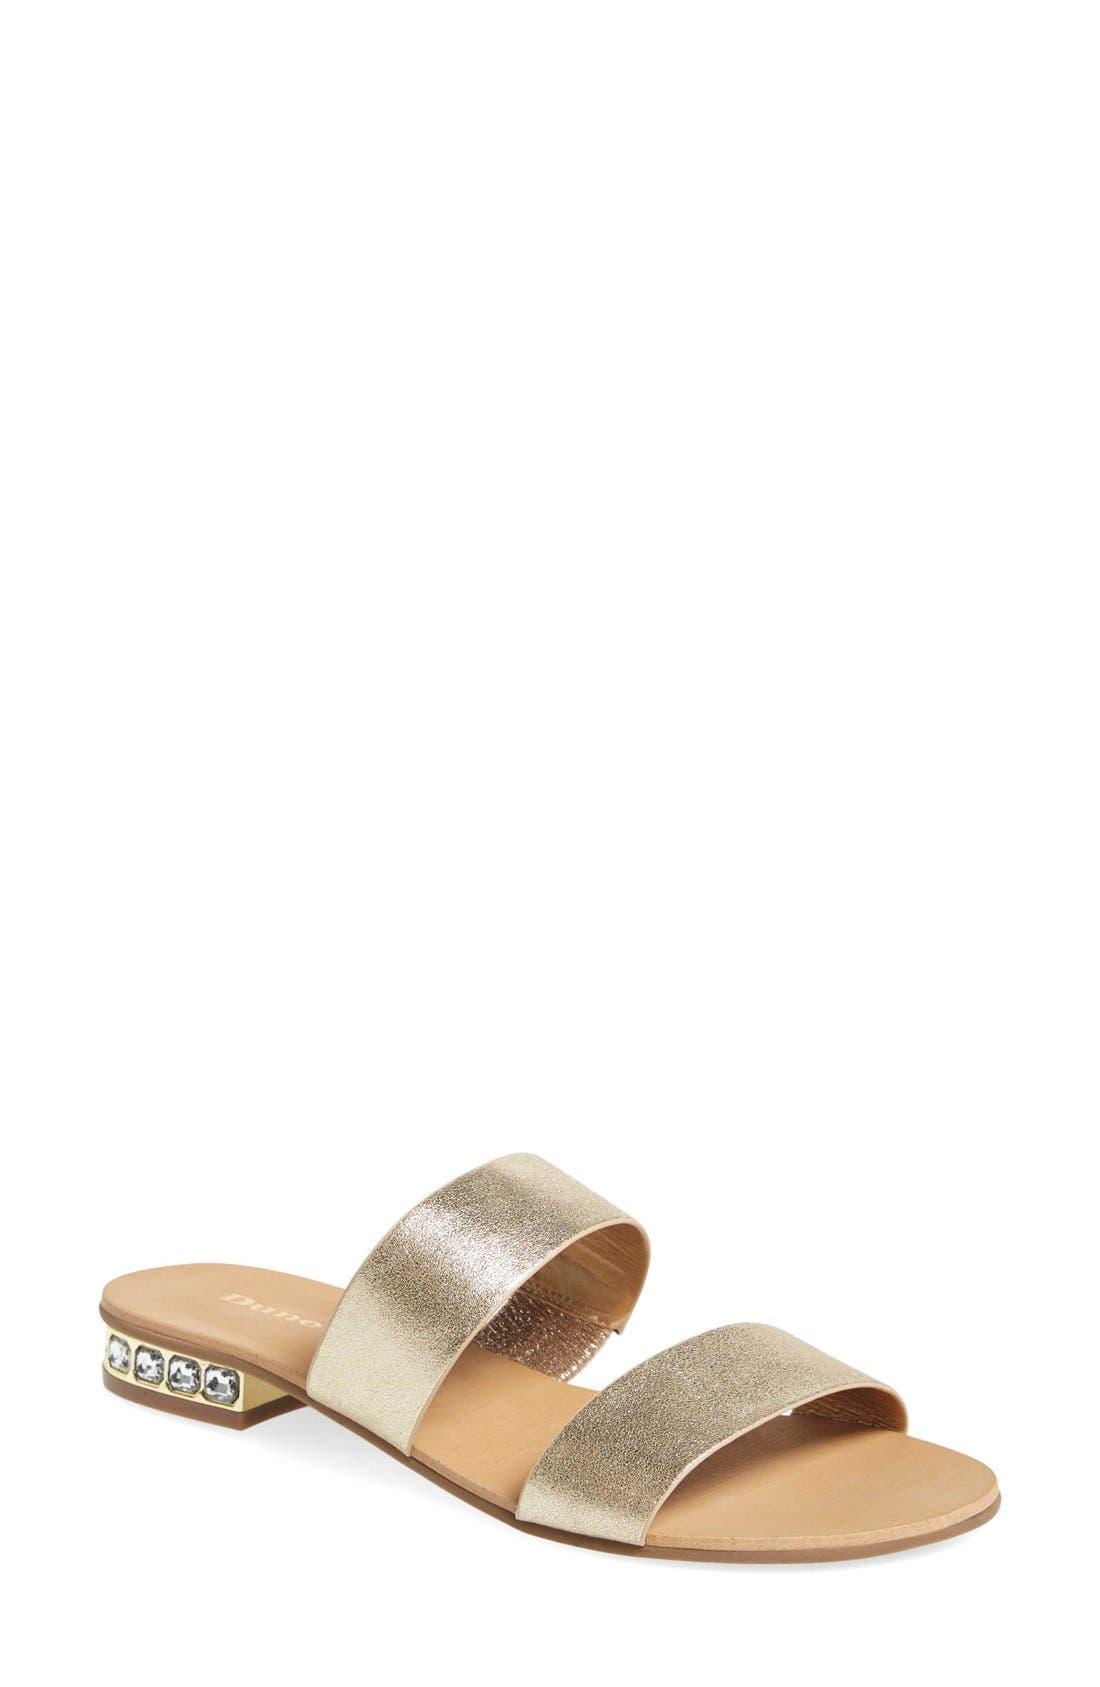 'Nesha' Flat Slide Sandal,                             Main thumbnail 1, color,                             713